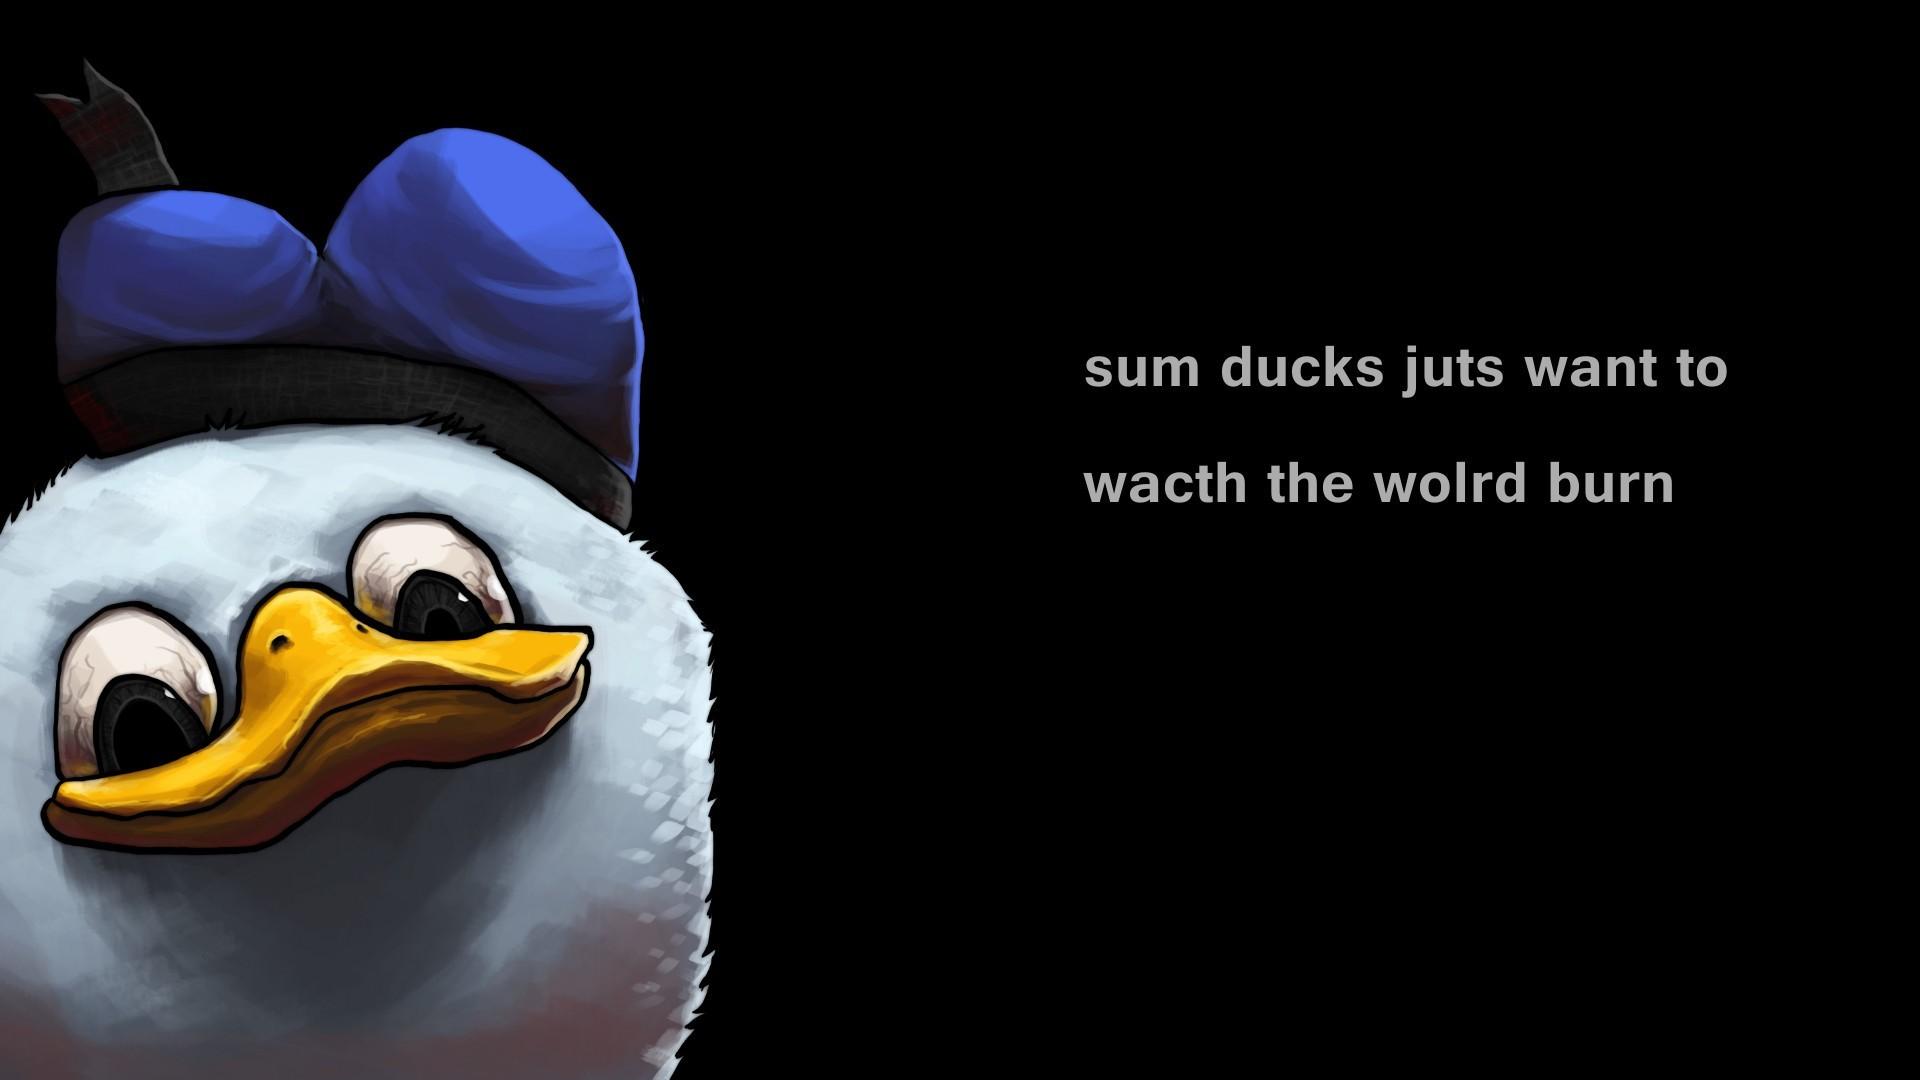 デスクトップ壁紙 ミニマリズム タイポグラフィ 漫画 ペンギン